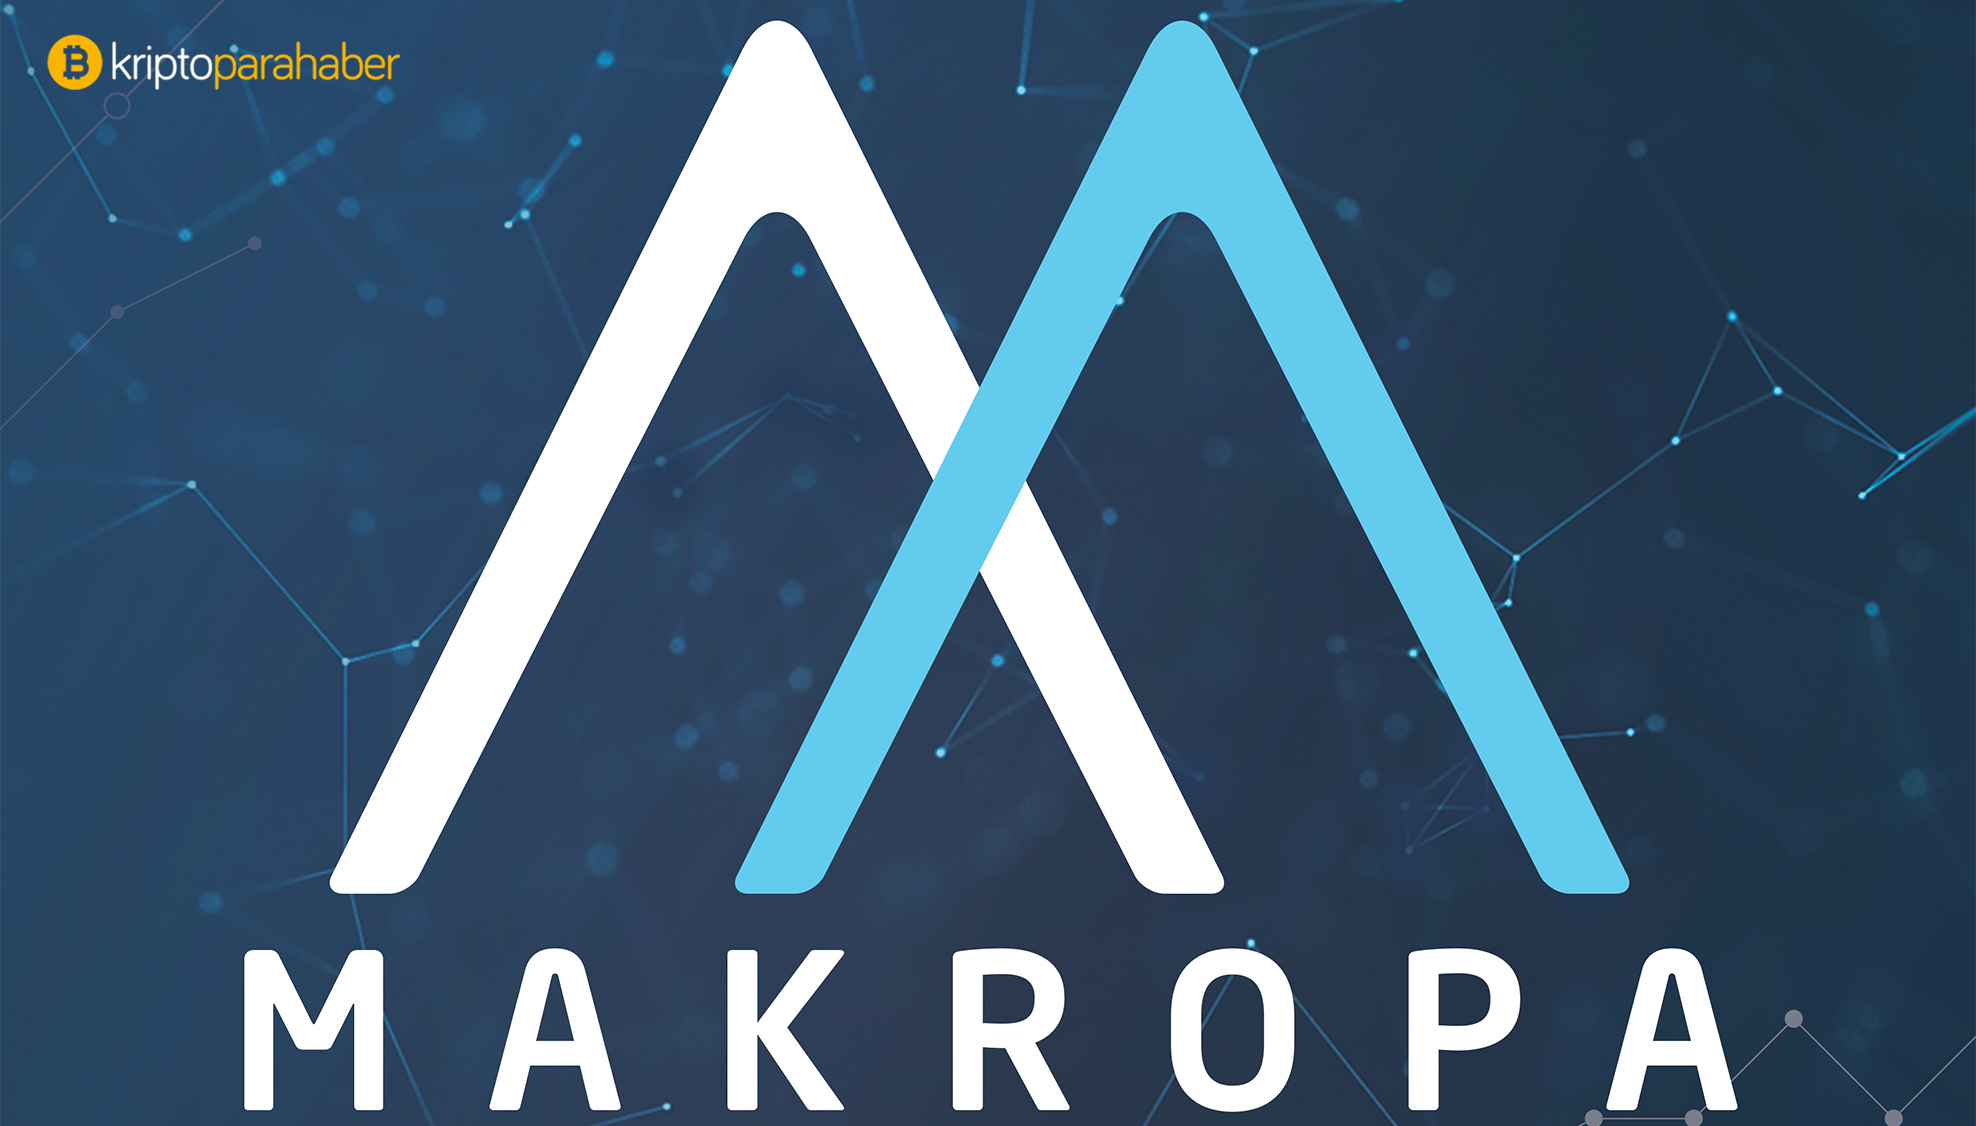 Türk kripto para borsası Makropa kapanma kararı aldı